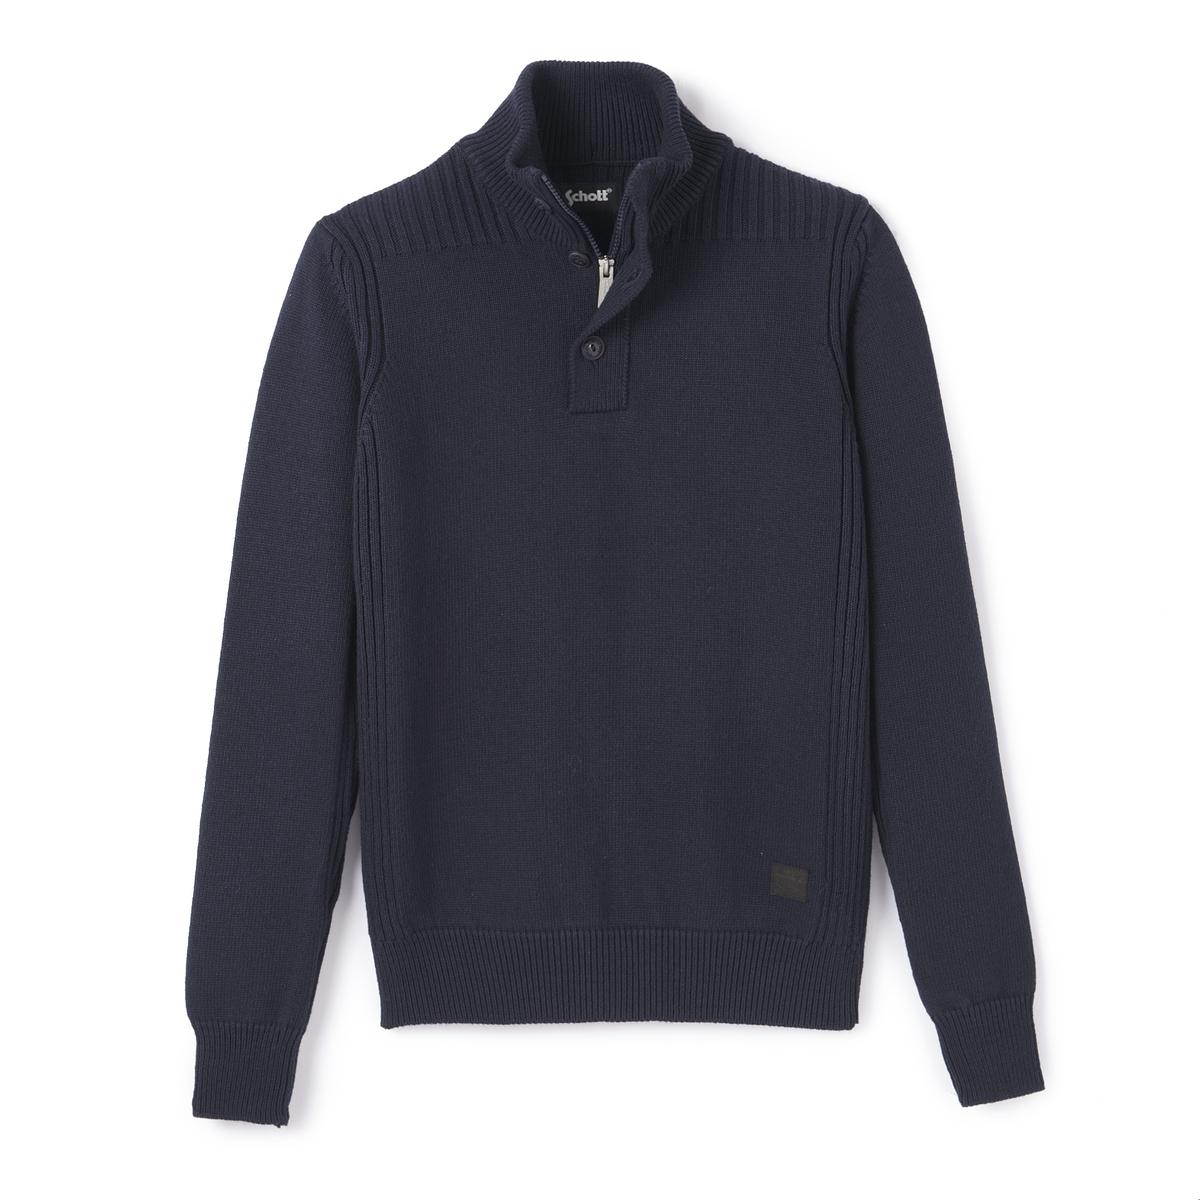 Пуловер крупной вязкиДетали  •  Длинные рукава  •  Воротник-стойка •  Плотный трикотаж Состав и уход  •  50% акрила, 50% хлопка •  Следуйте советам по уходу, указанным на этикетке<br><br>Цвет: серый меланж,синий морской,черный<br>Размер: XL.L